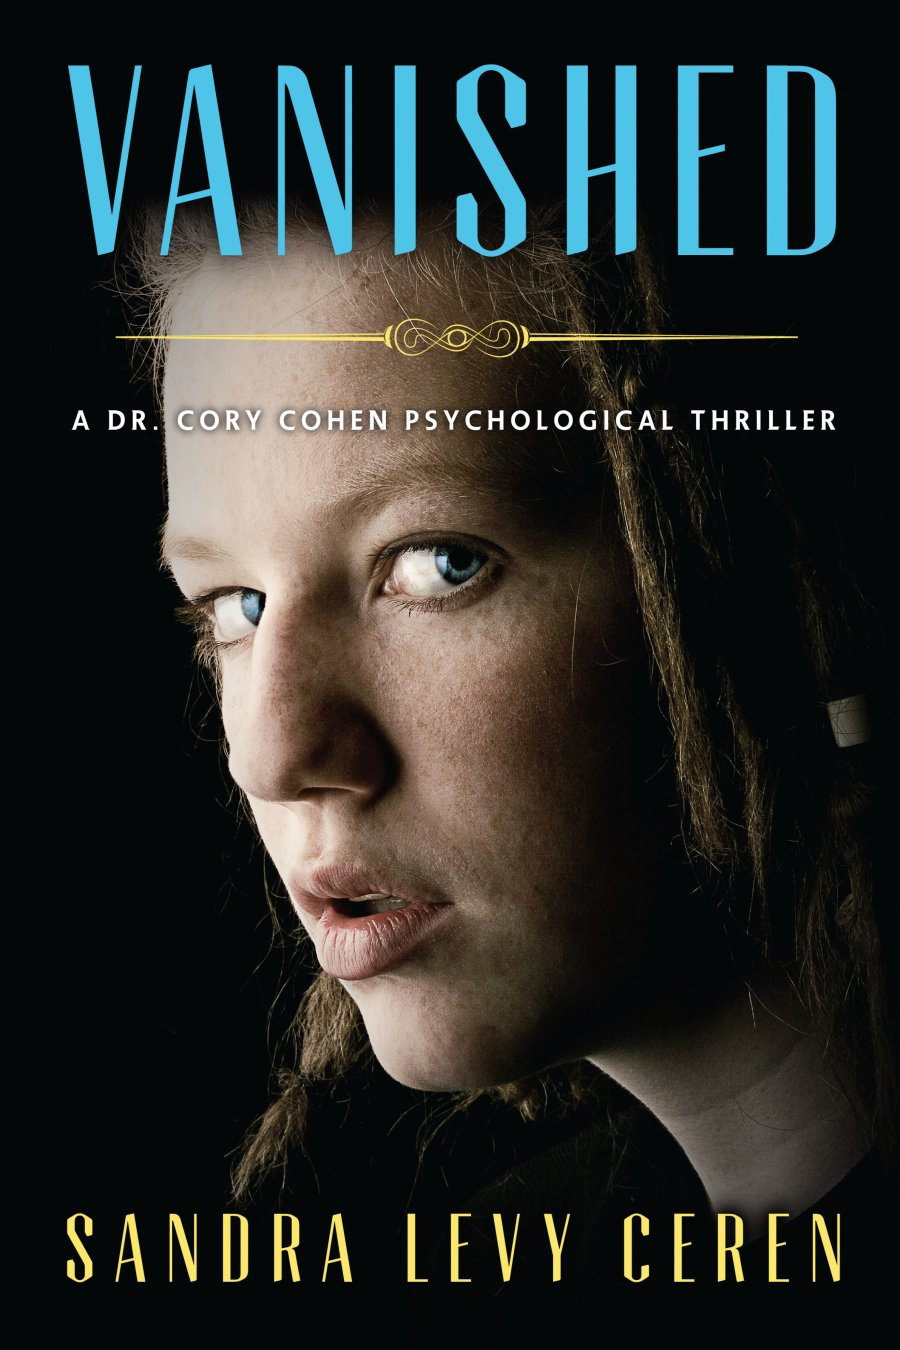 Vanished: A Dr. Cory Cohen Psychological Thriller 978-1-61599-230-0